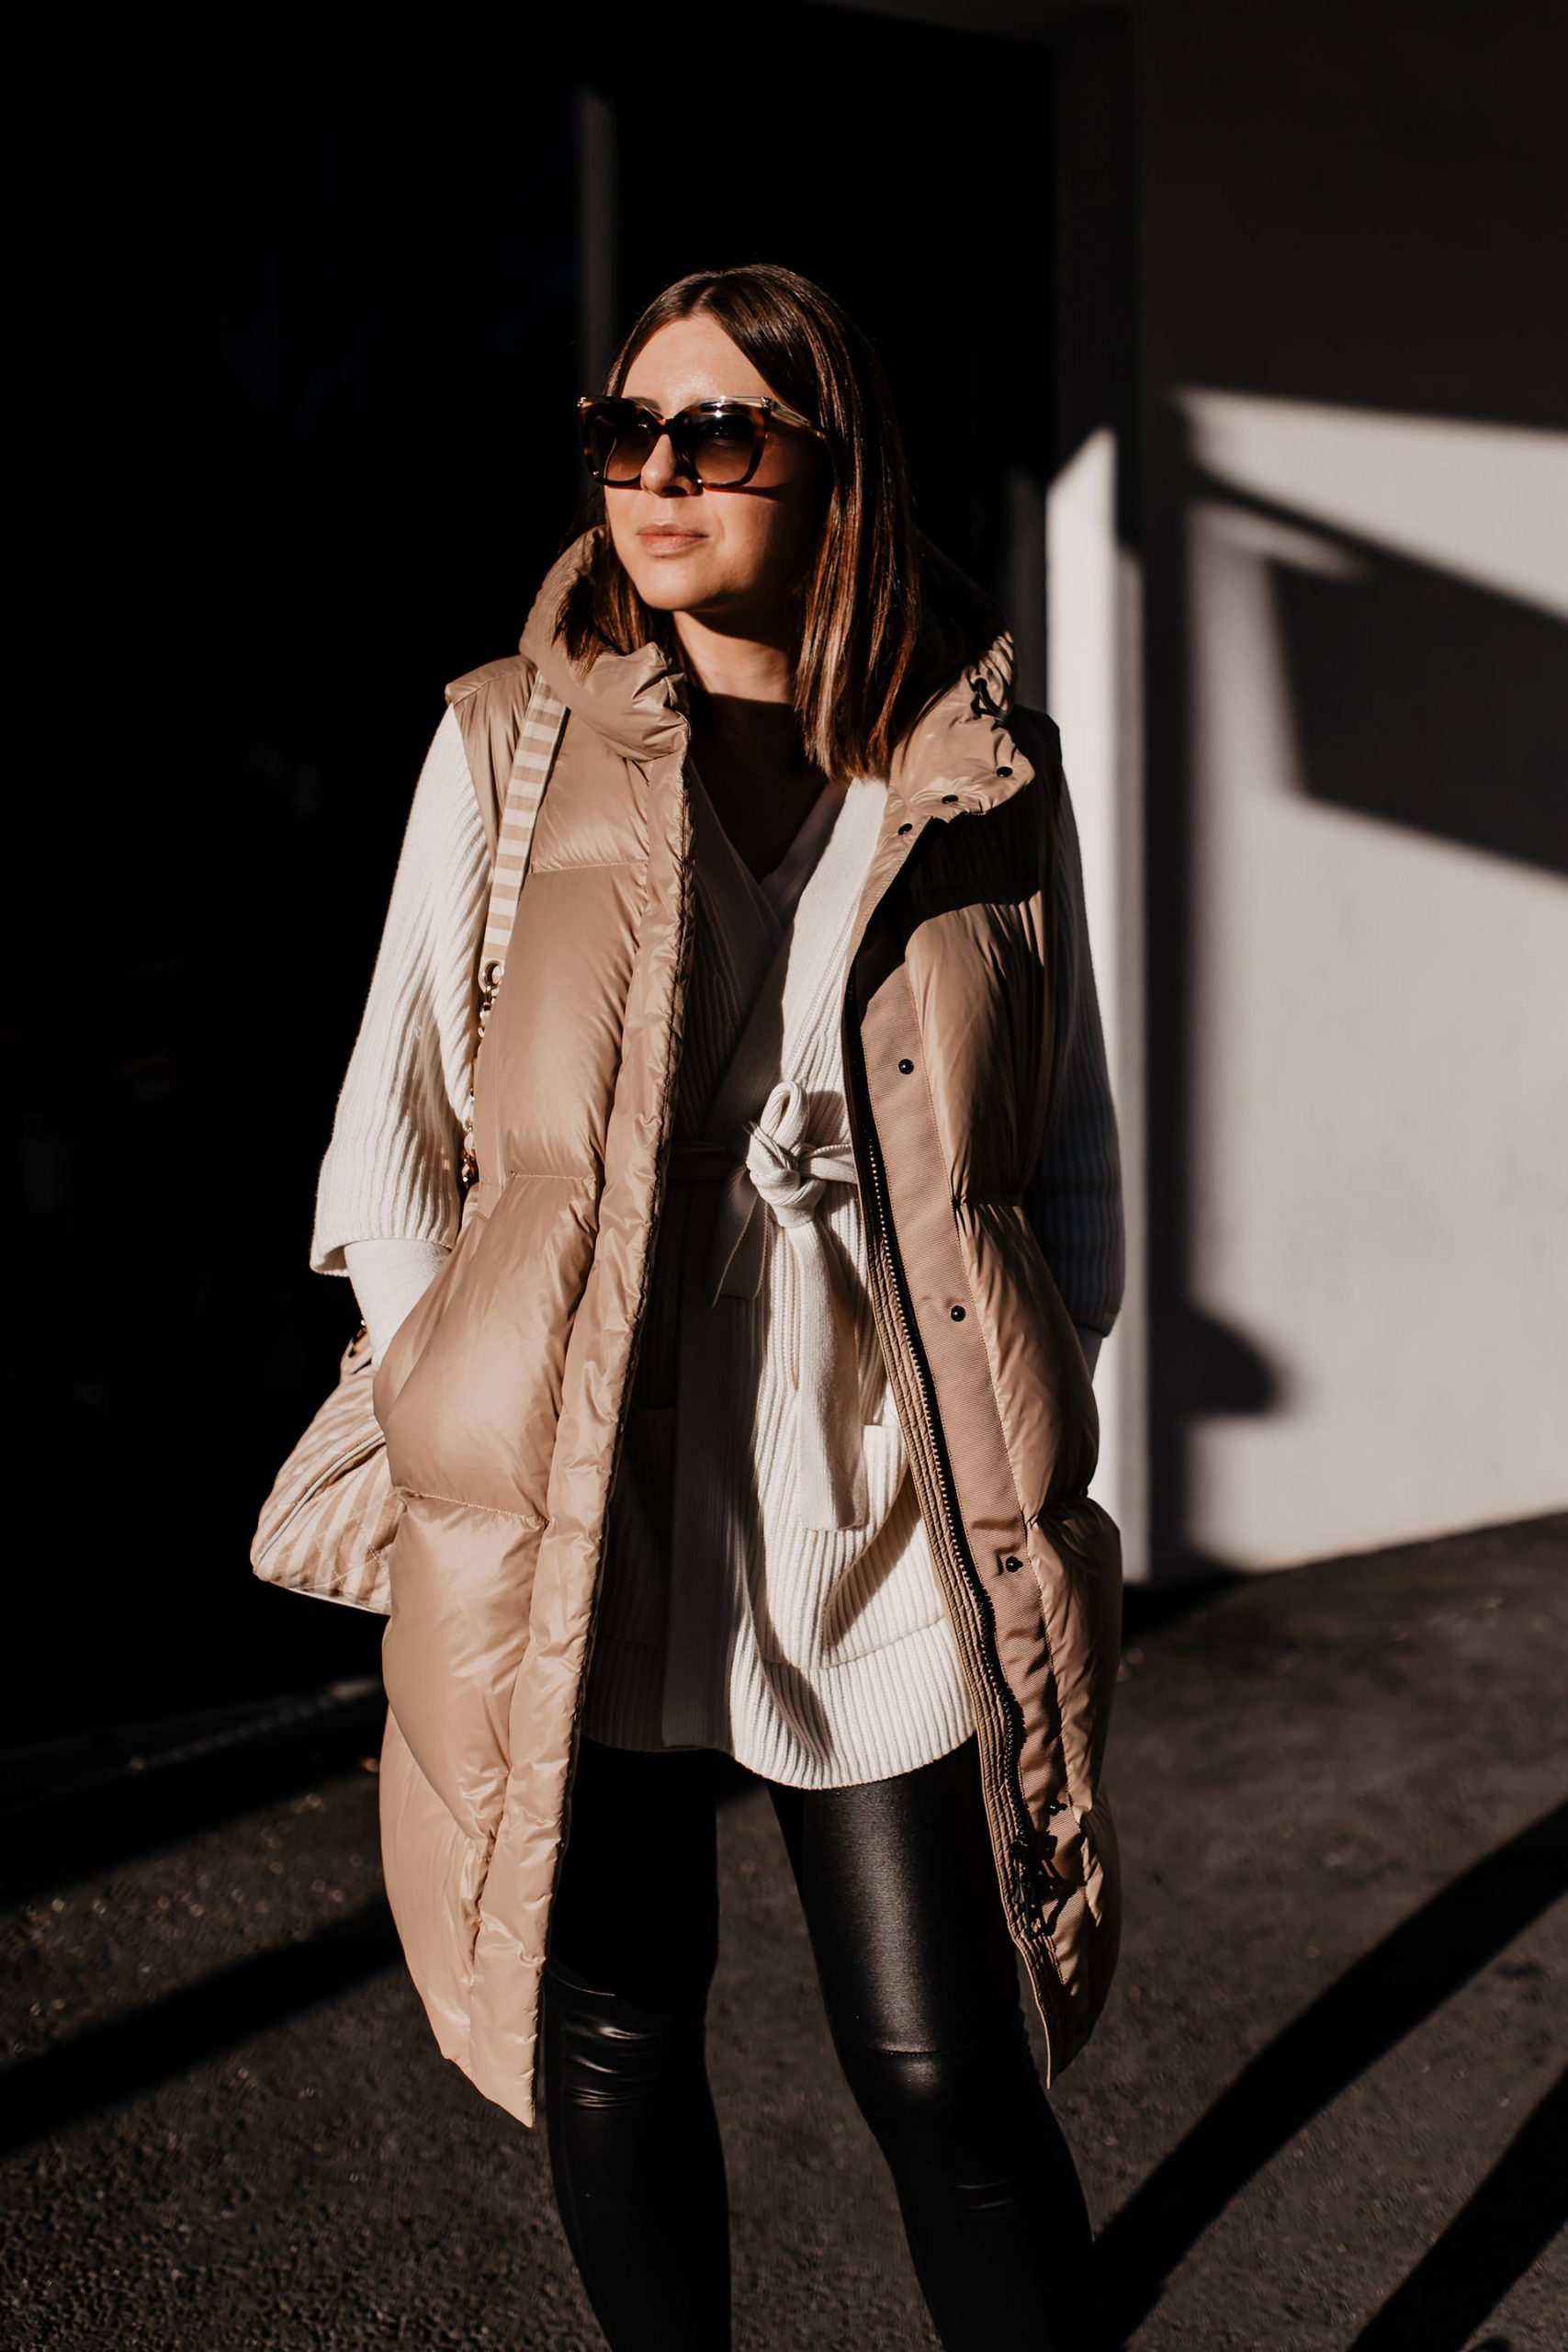 Am Modeblog zeige ich dir die schönsten Steppwesten für den Winter! Wie ich Daunenwesten am liebsten kombiniere und 3 weitere Outfit-Ideen stelle ich dir heutevor. www.whoismocca.com